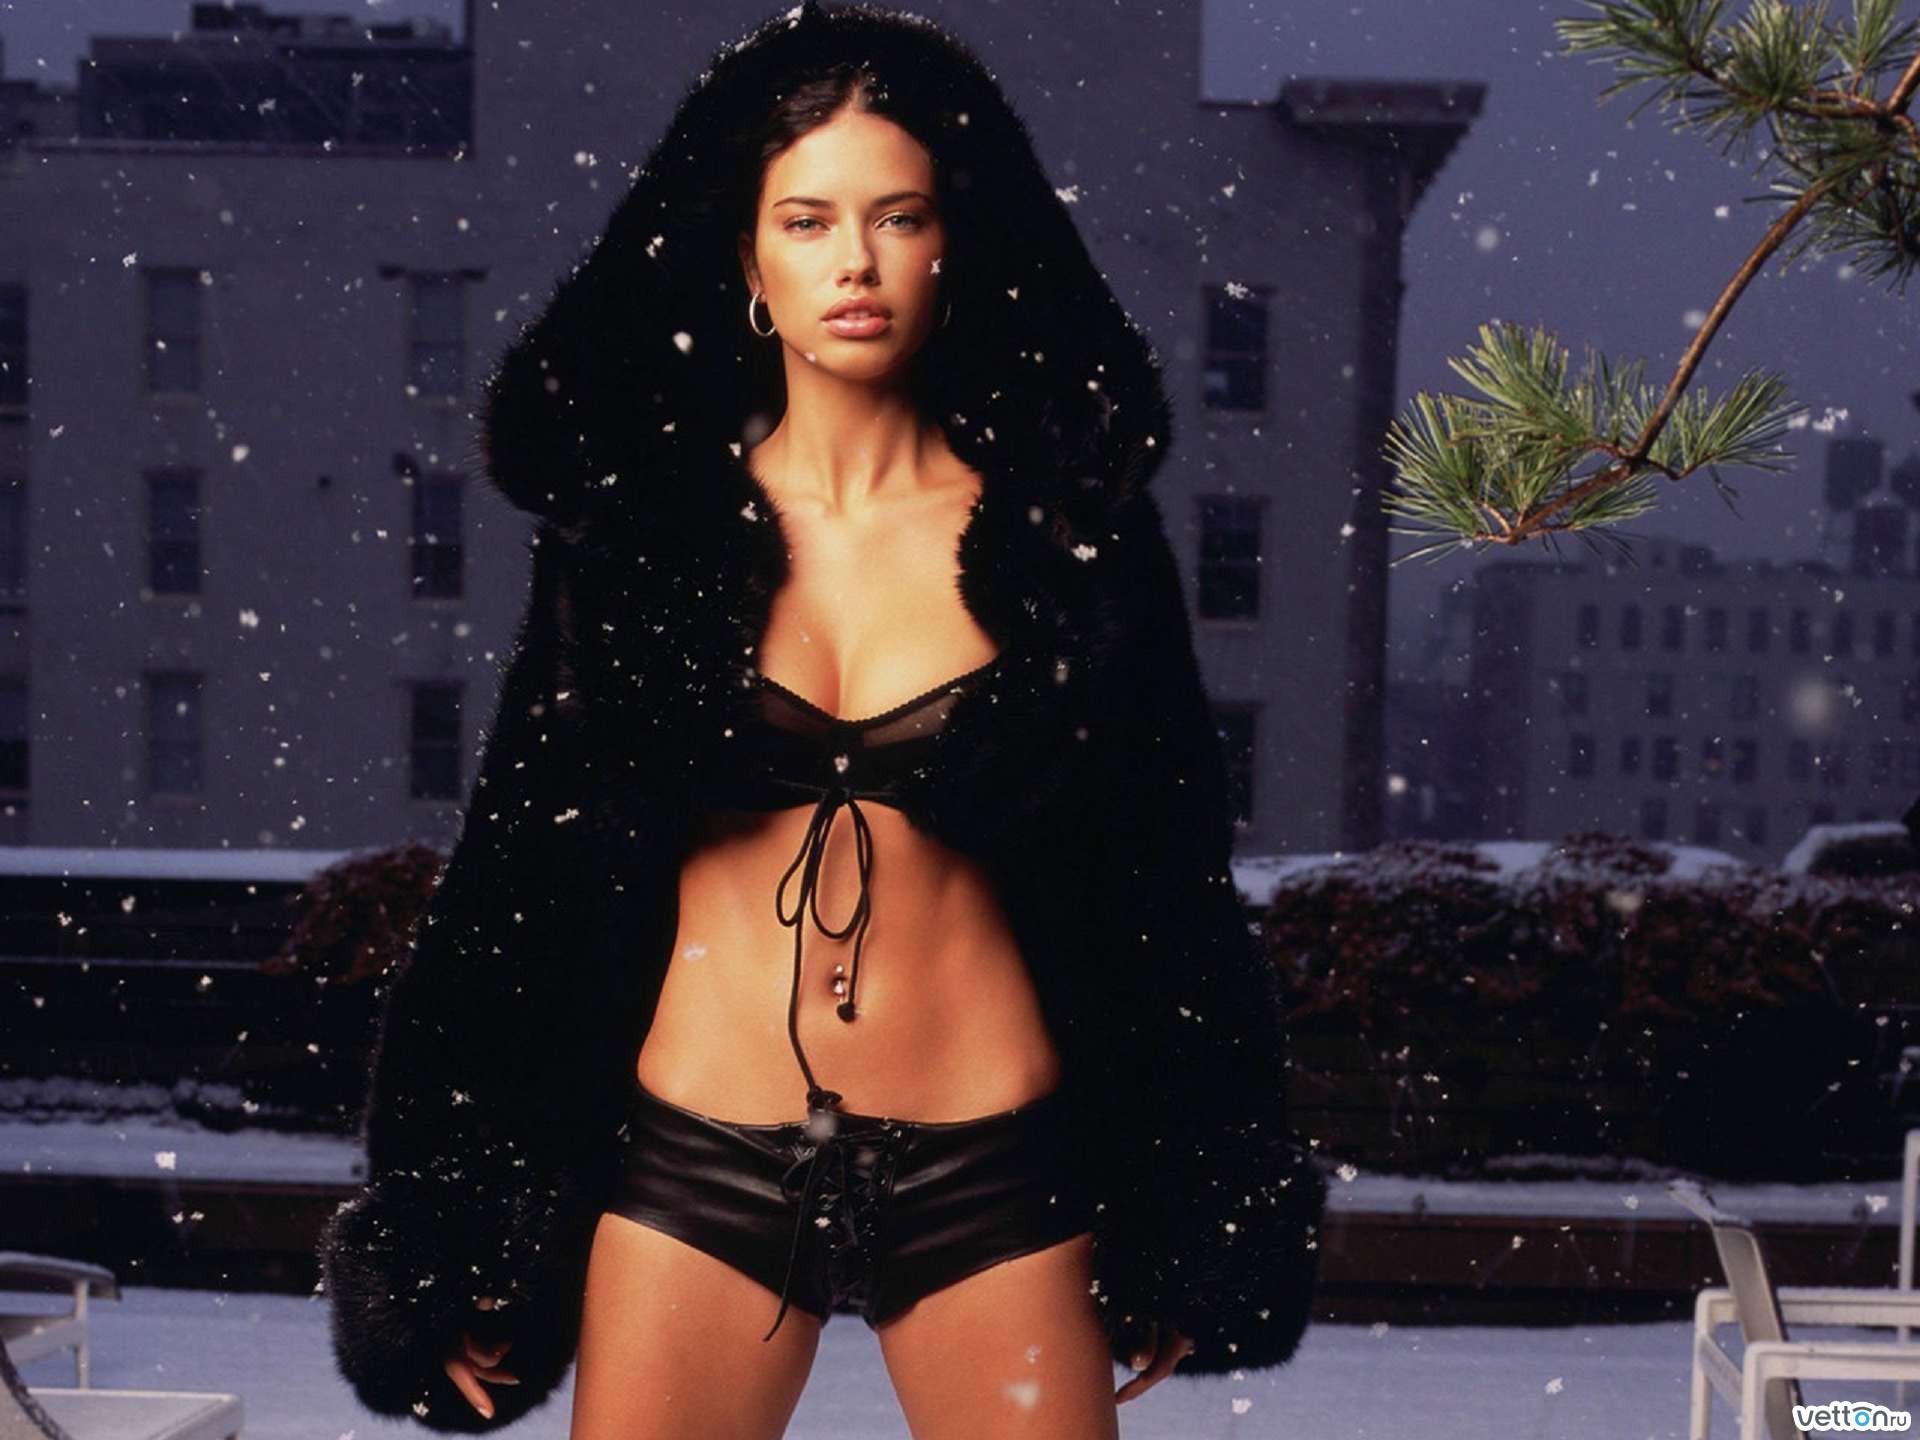 Смотреть фотки девушек голых в снегу 7 фотография